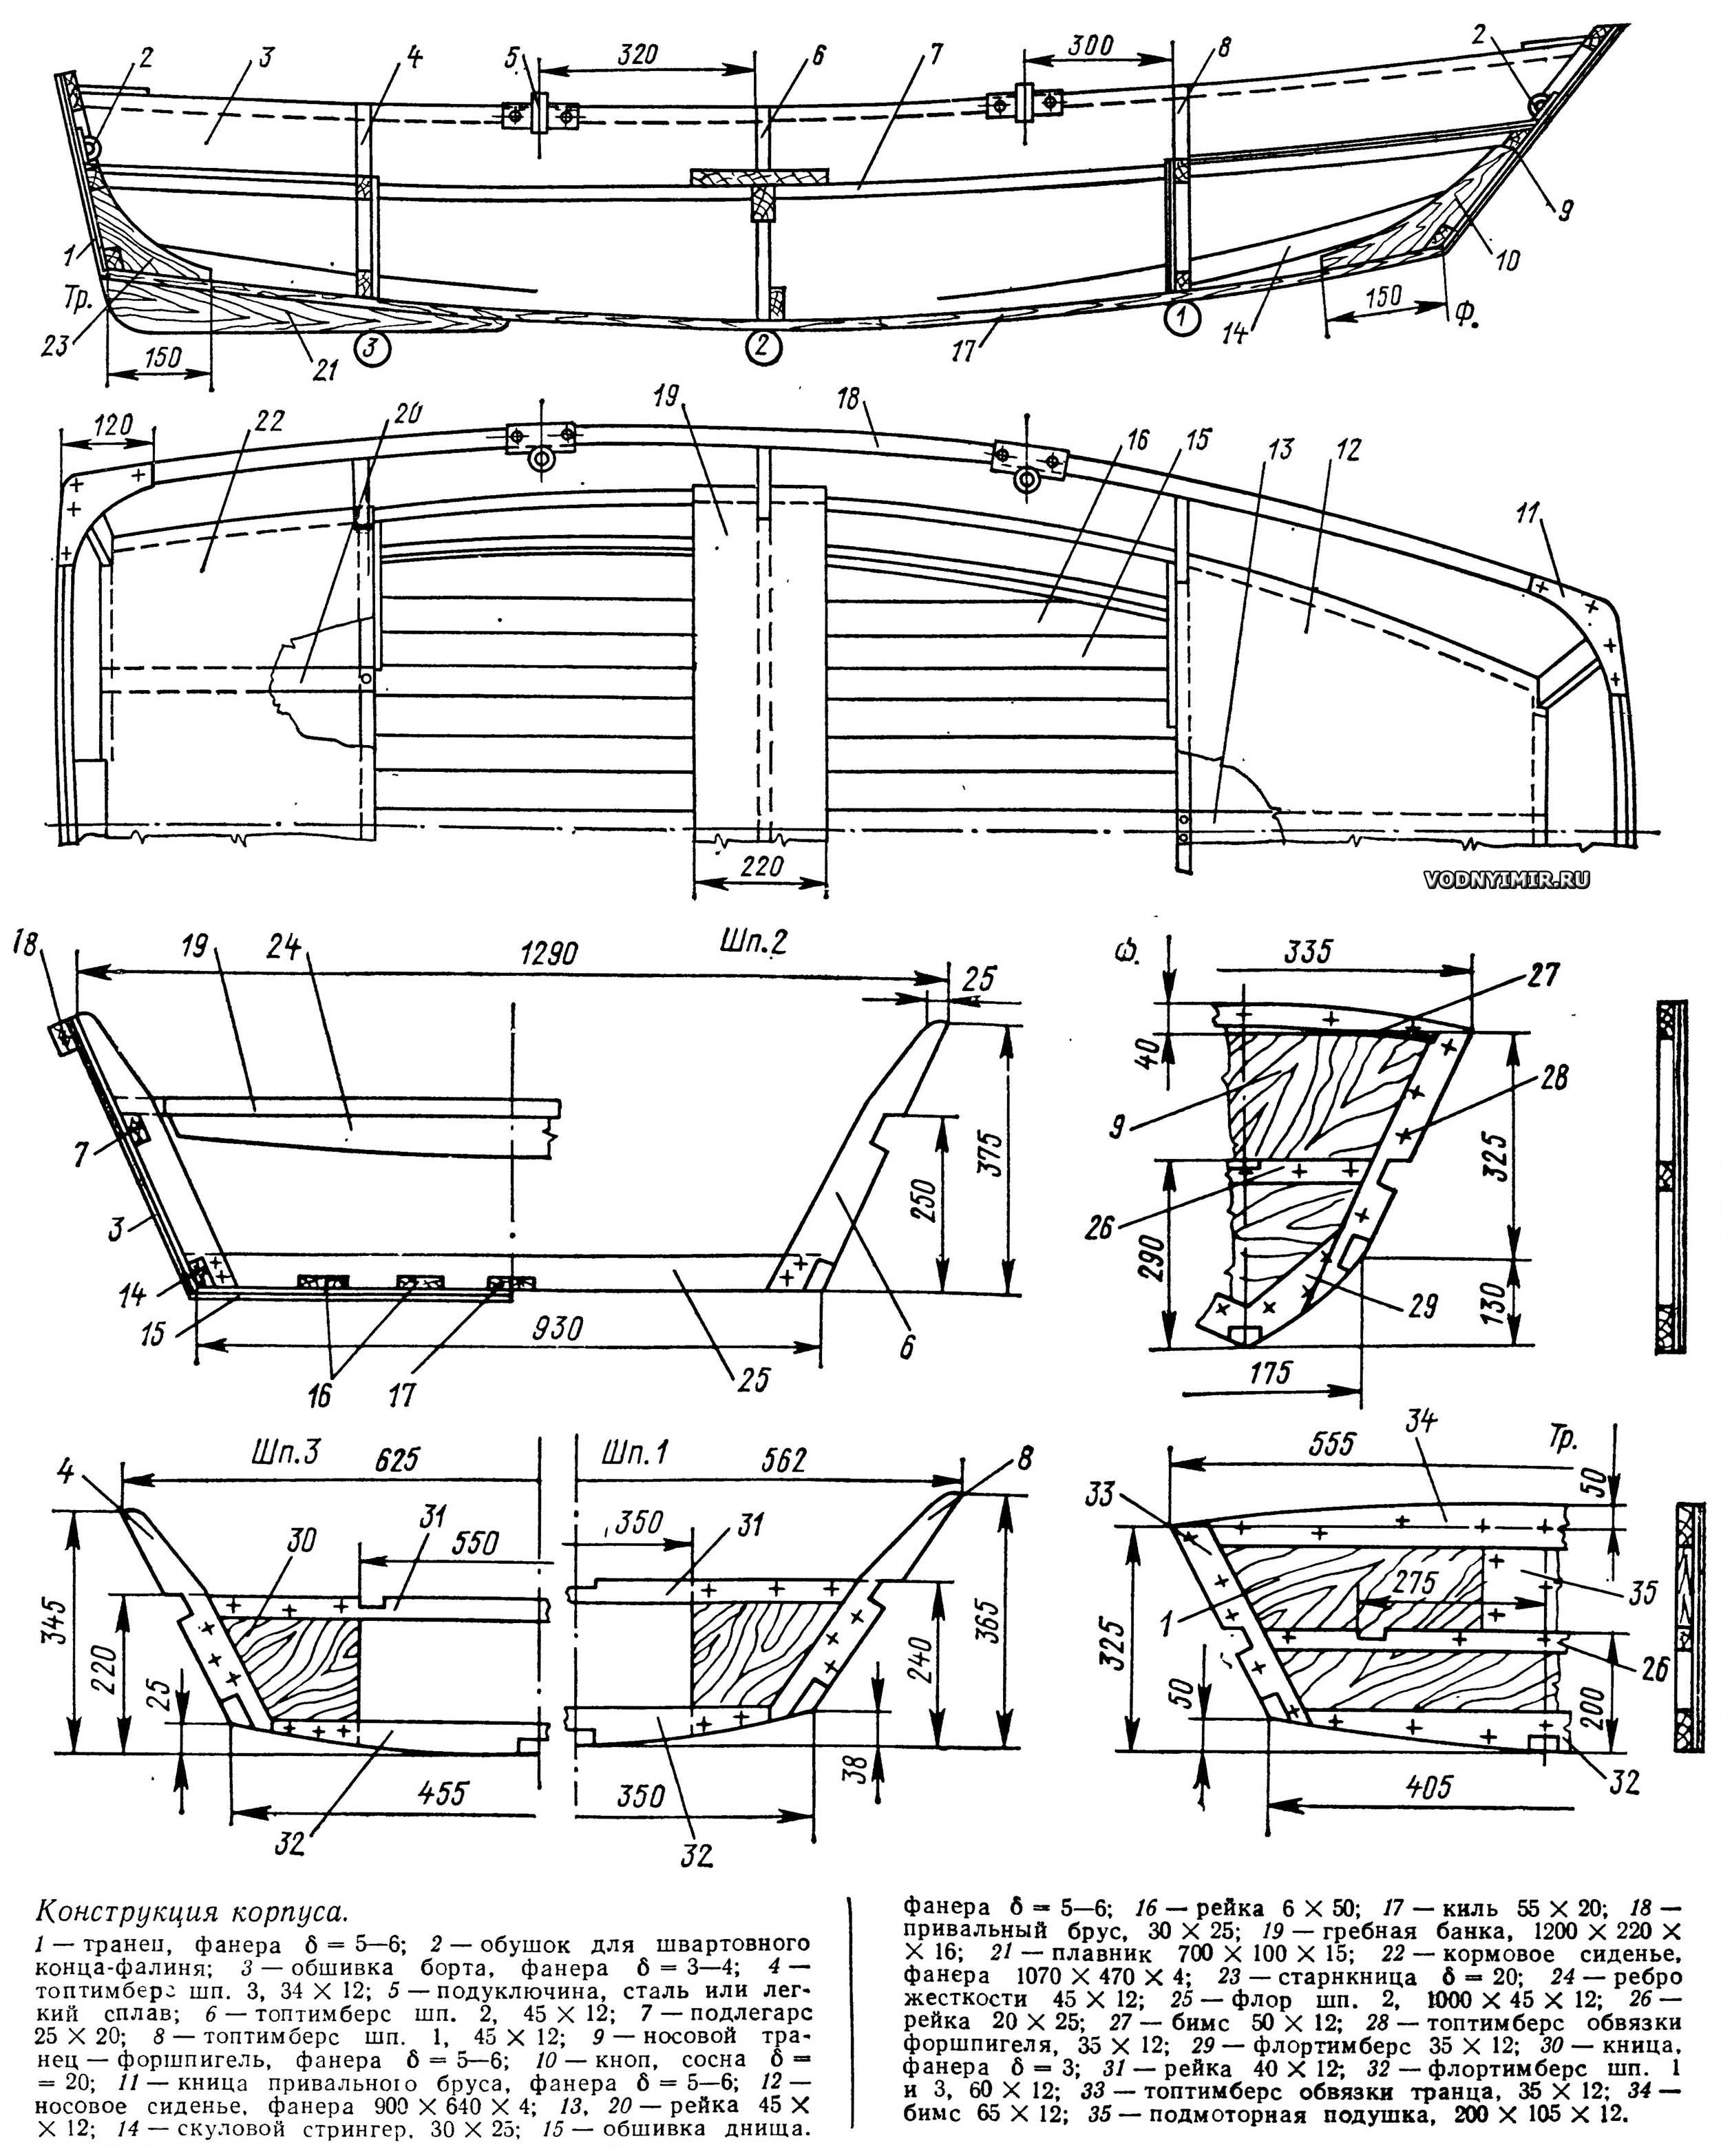 Гребная лодка из фанеры своими руками чертежи 29